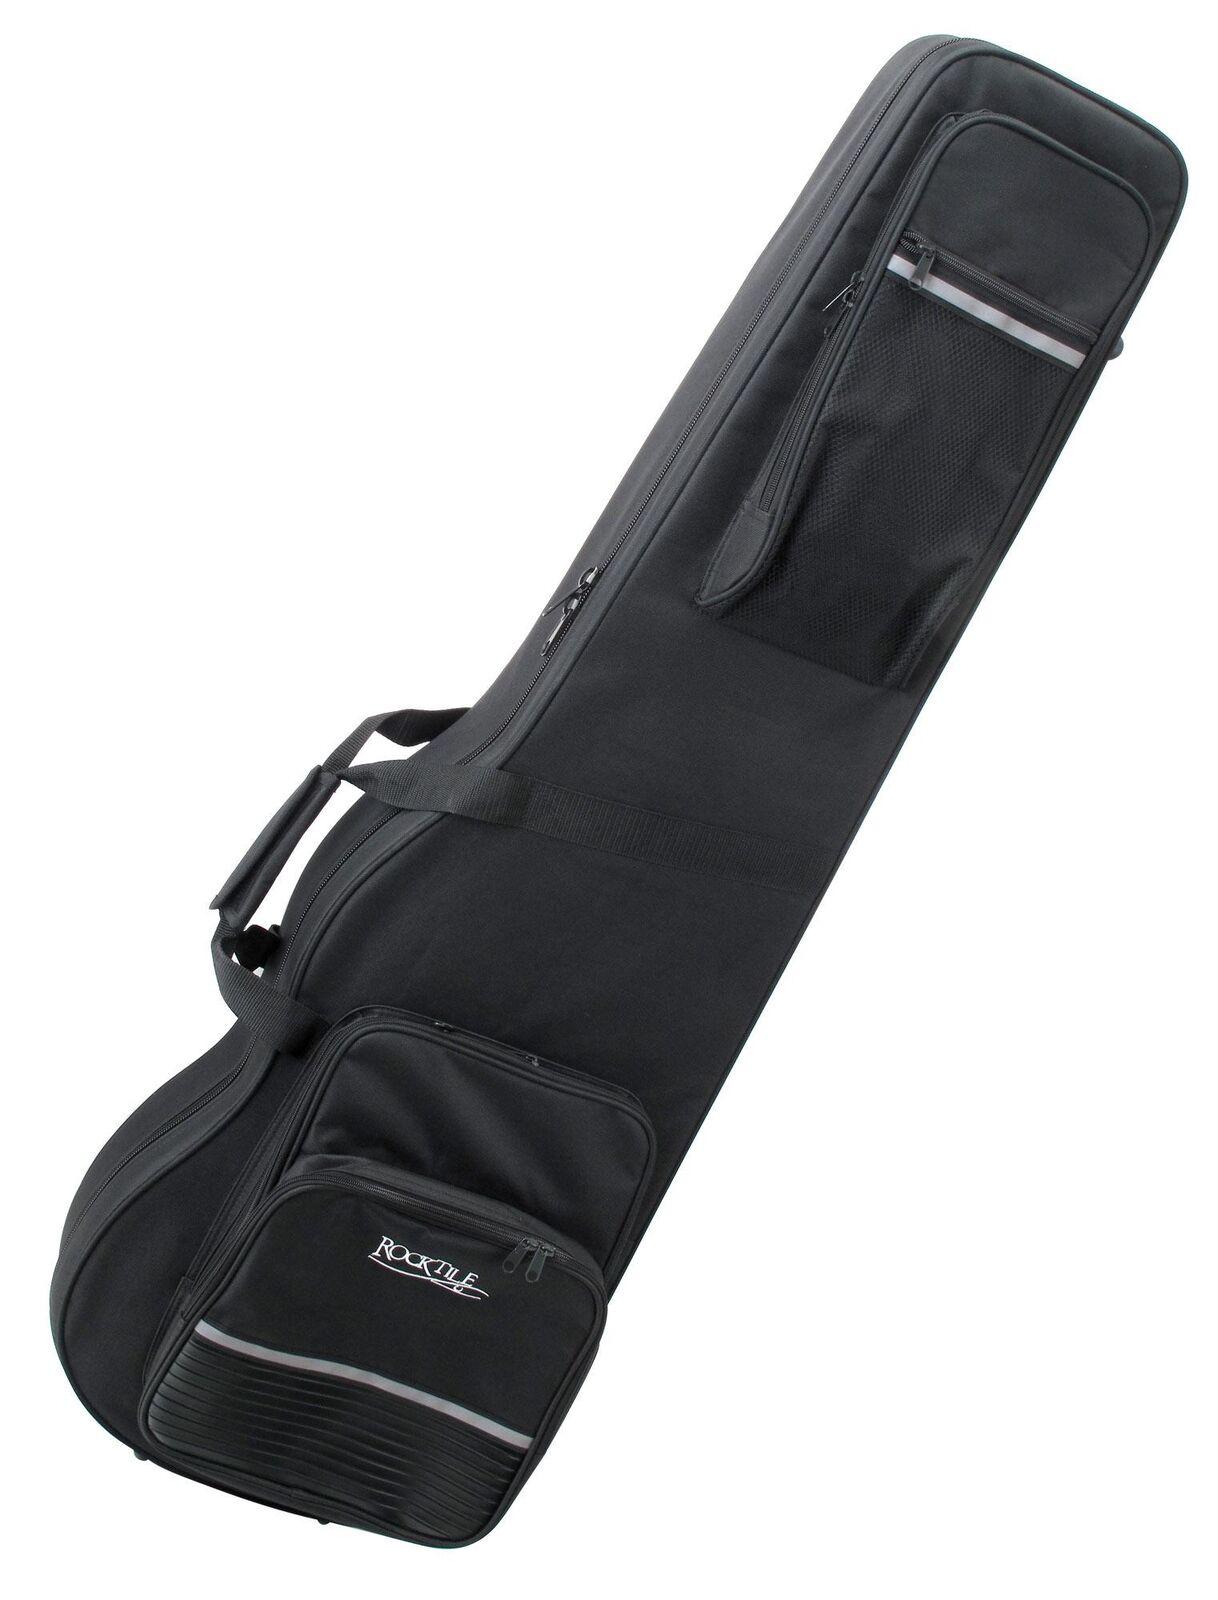 Robuster E-Bass Formkoffer mit Thermomaterial für optimalen Schutz